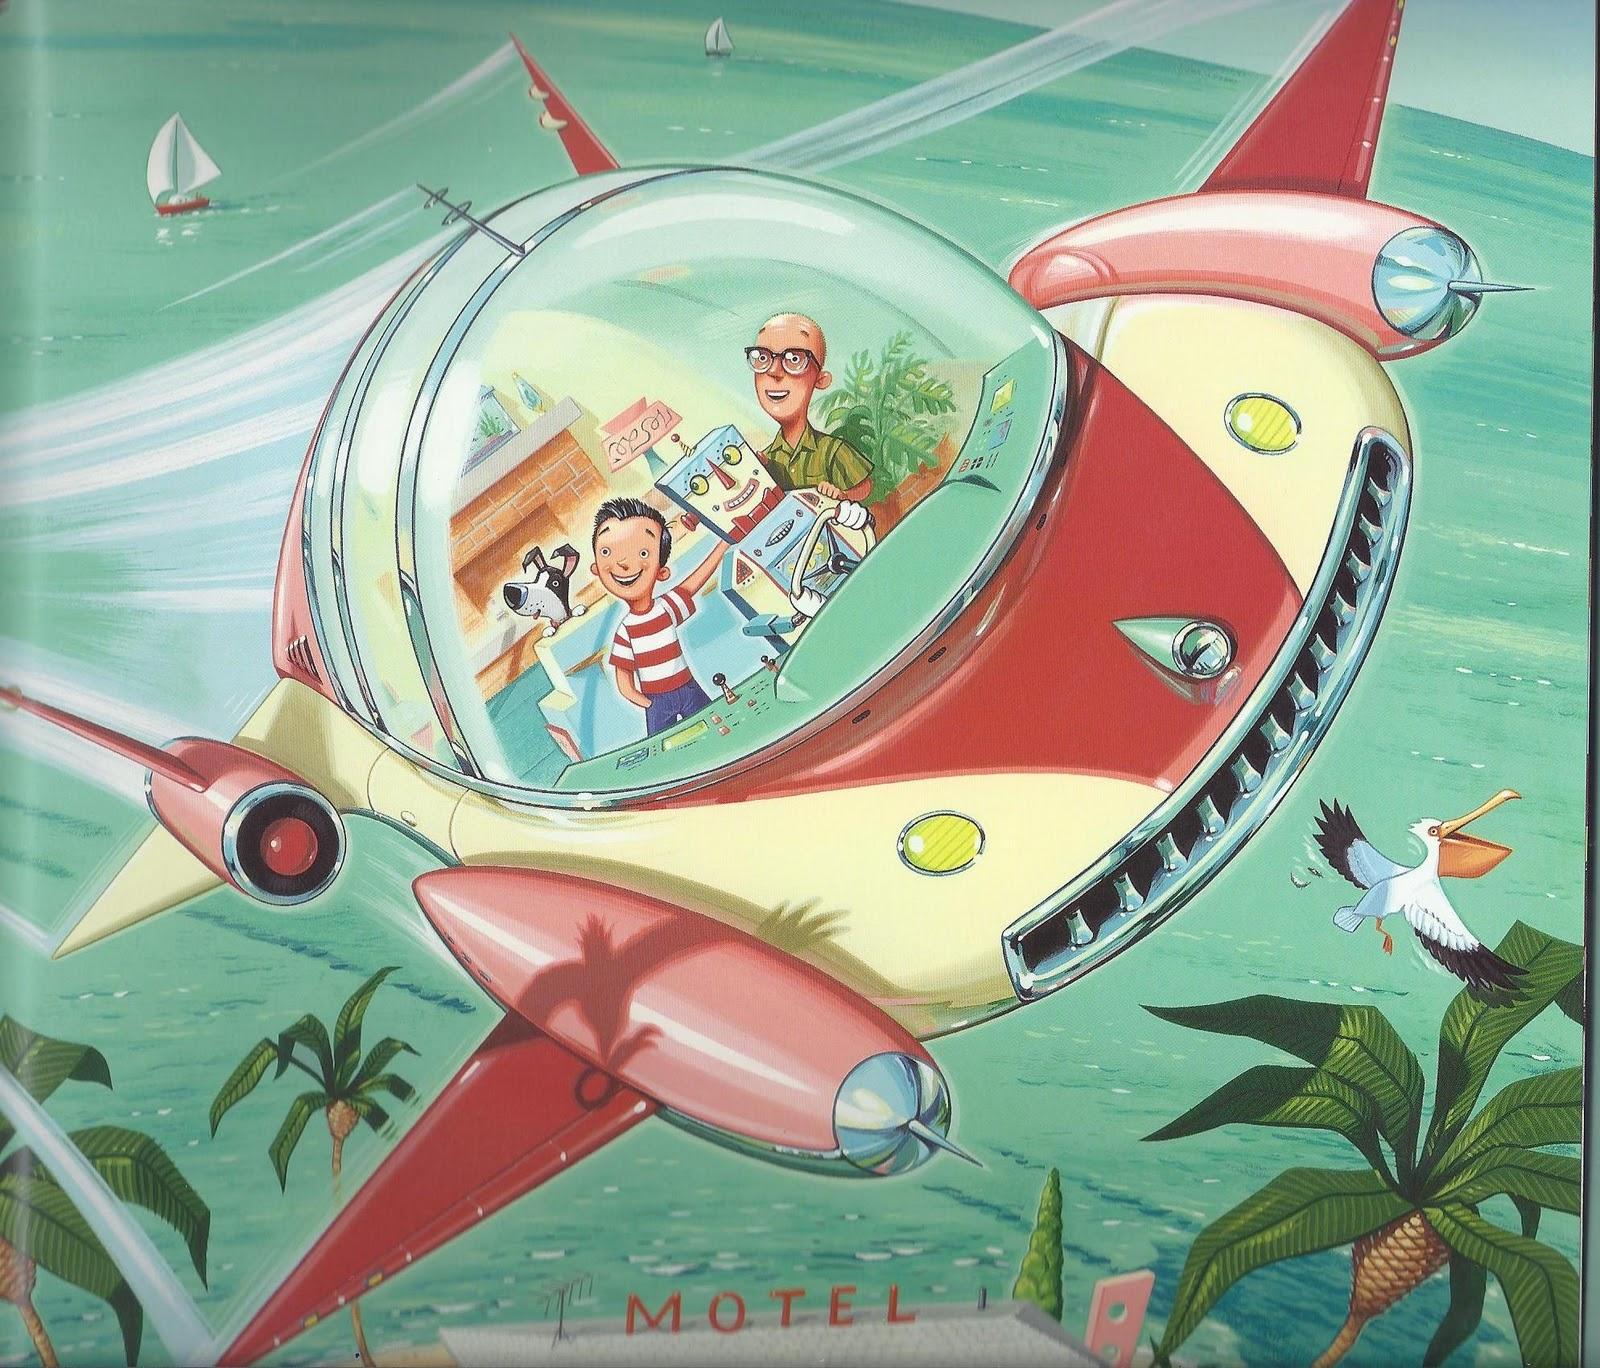 Excellent Kids' Books: If I Built A Car By Chris Van Dusen